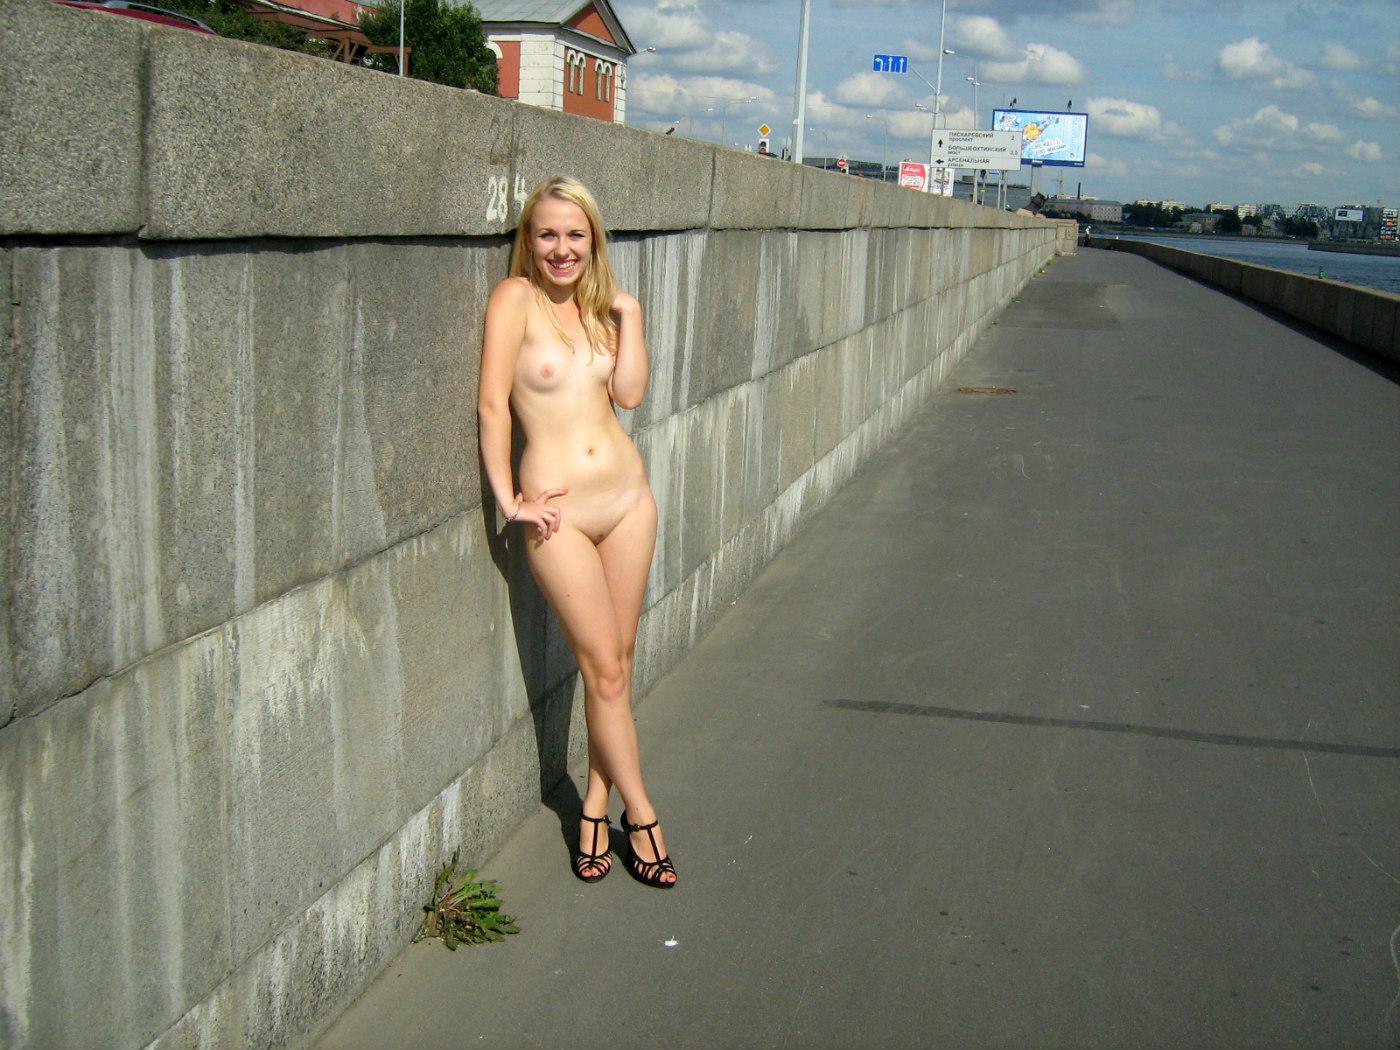 первый раз фото голых девушек на улице частные фото результате сети появляются